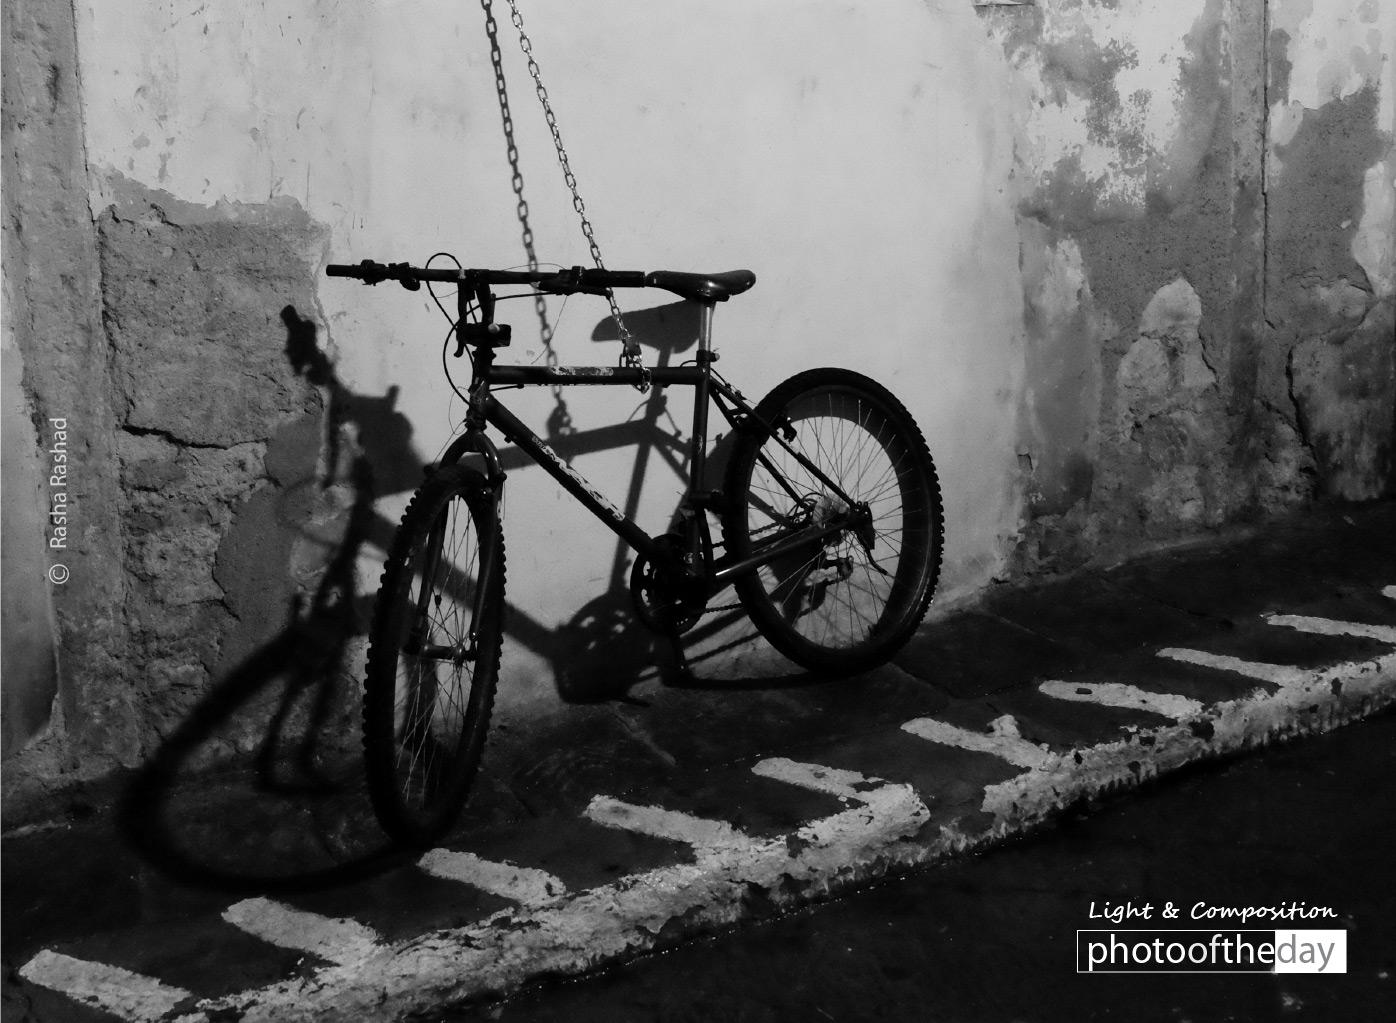 Bike Shade, by Rasha Rashad